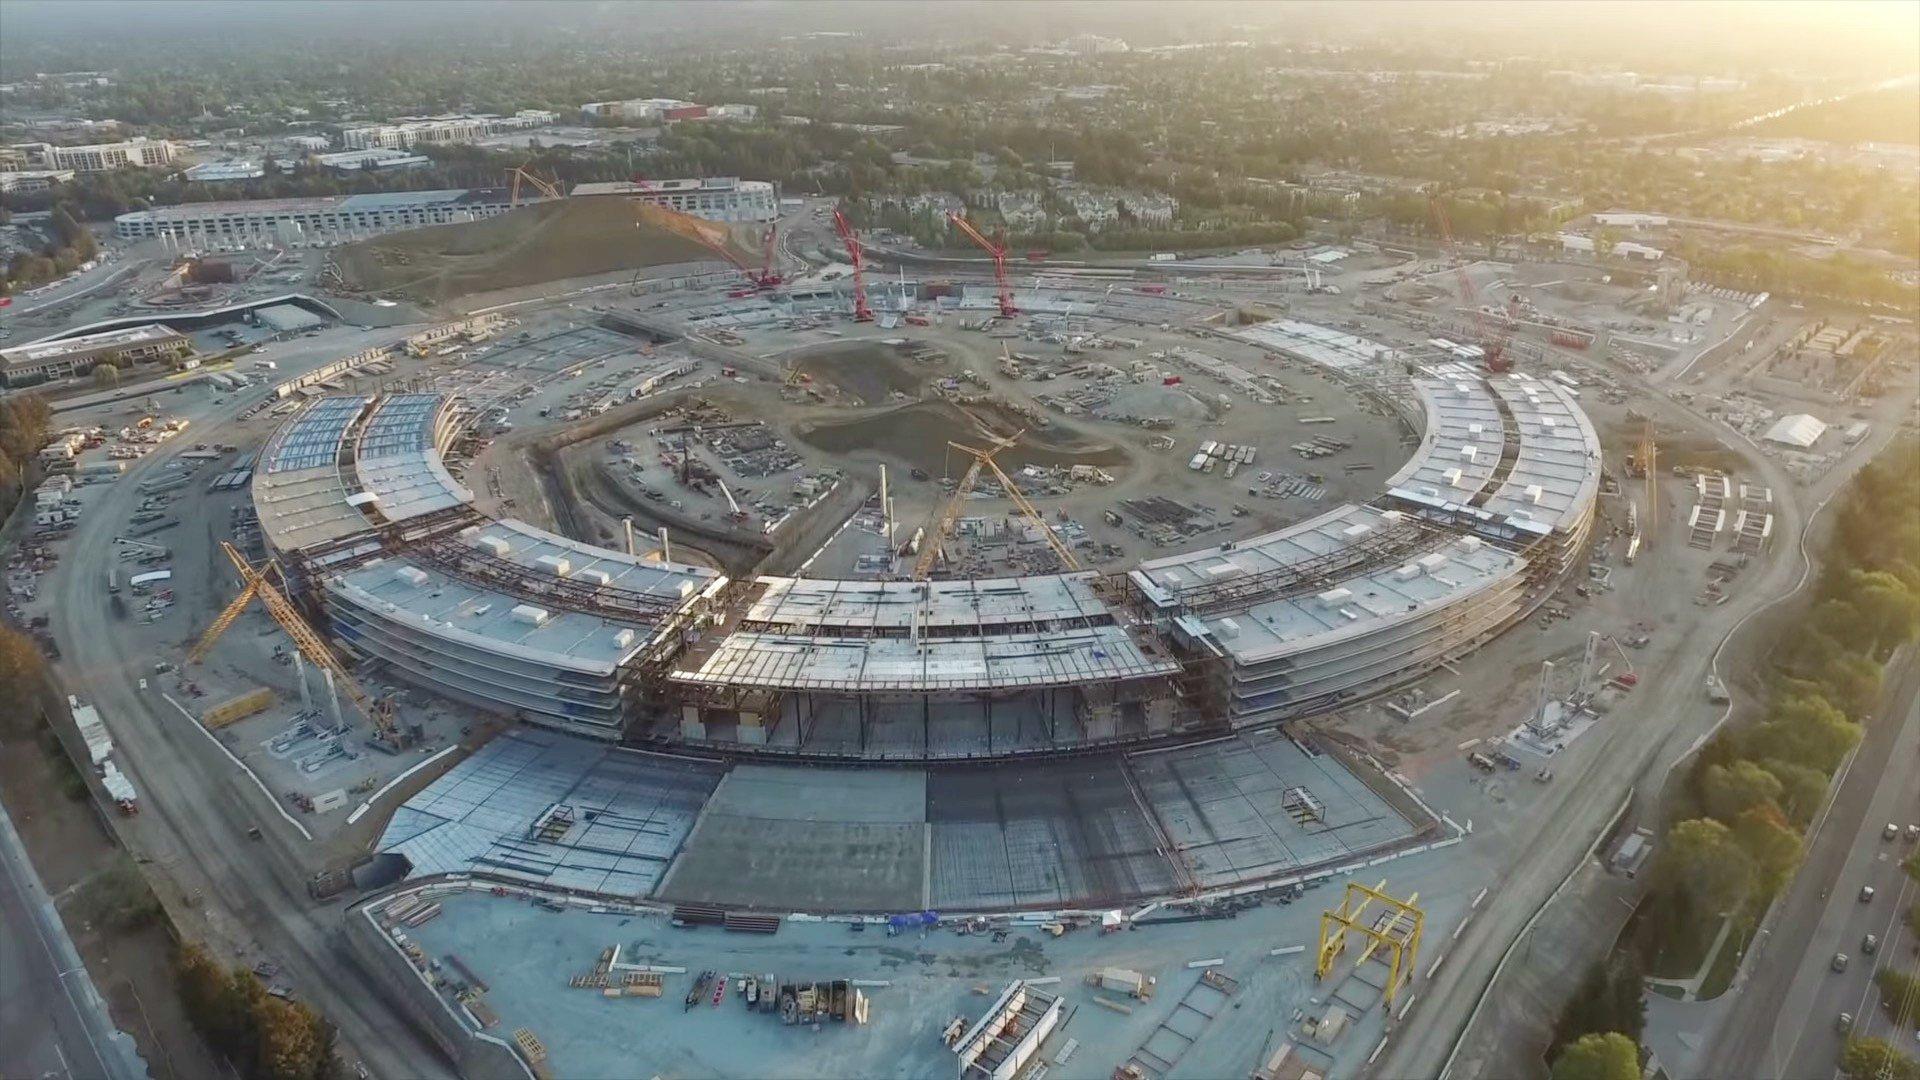 2017年末完成予定の「AppleCampus2」と呼ばれるApple新オフィスが公開される!